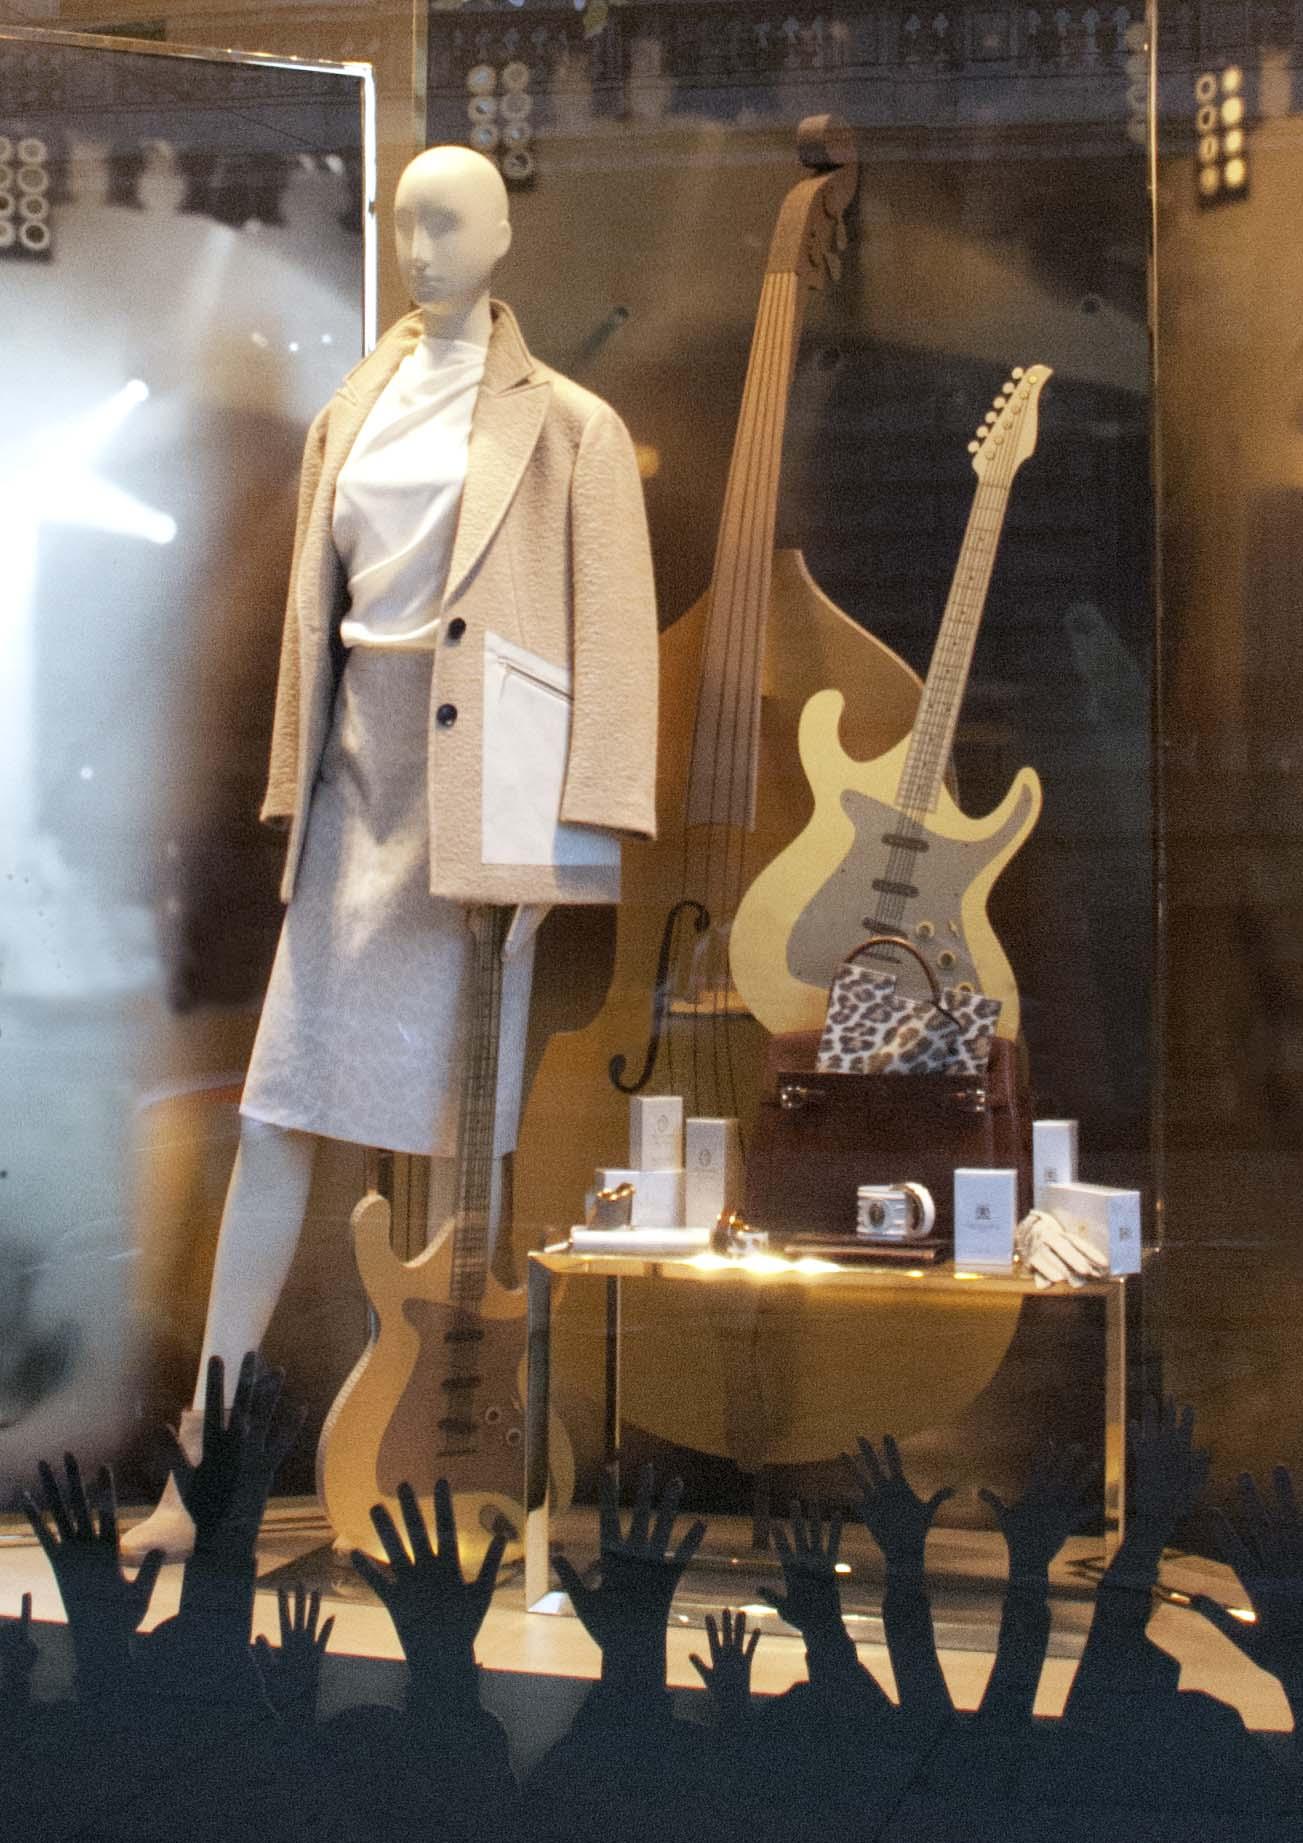 paper-guitar-paper-bass-paper-double-bass